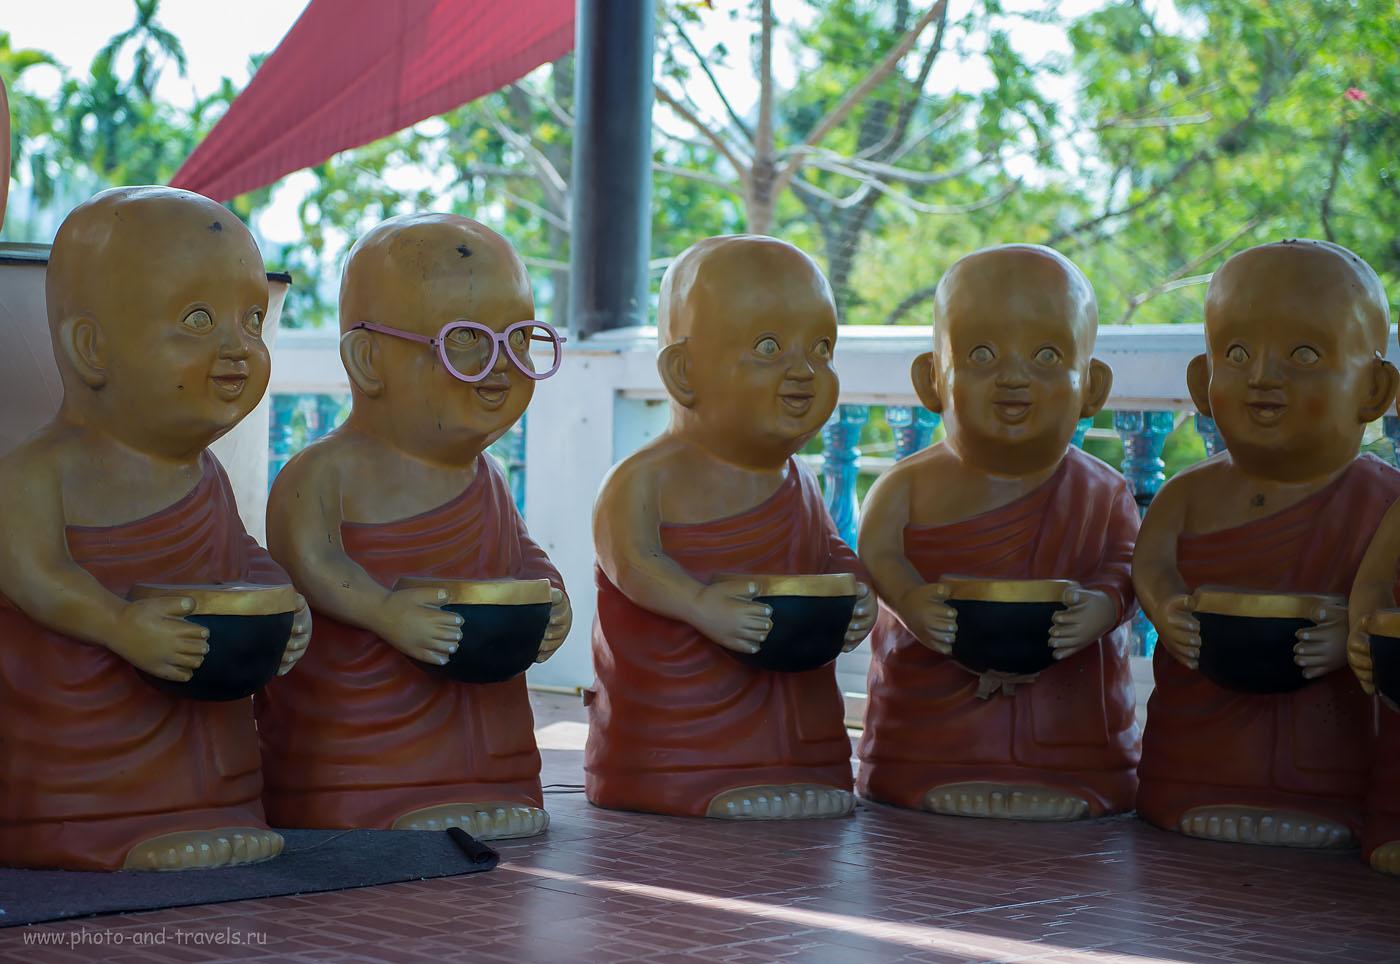 Фото 22. Молодые монахи в храме Ват На Янг. Отзывы туристов об отдыхе в Таиланде дикарями. Окрестности Хуахина.